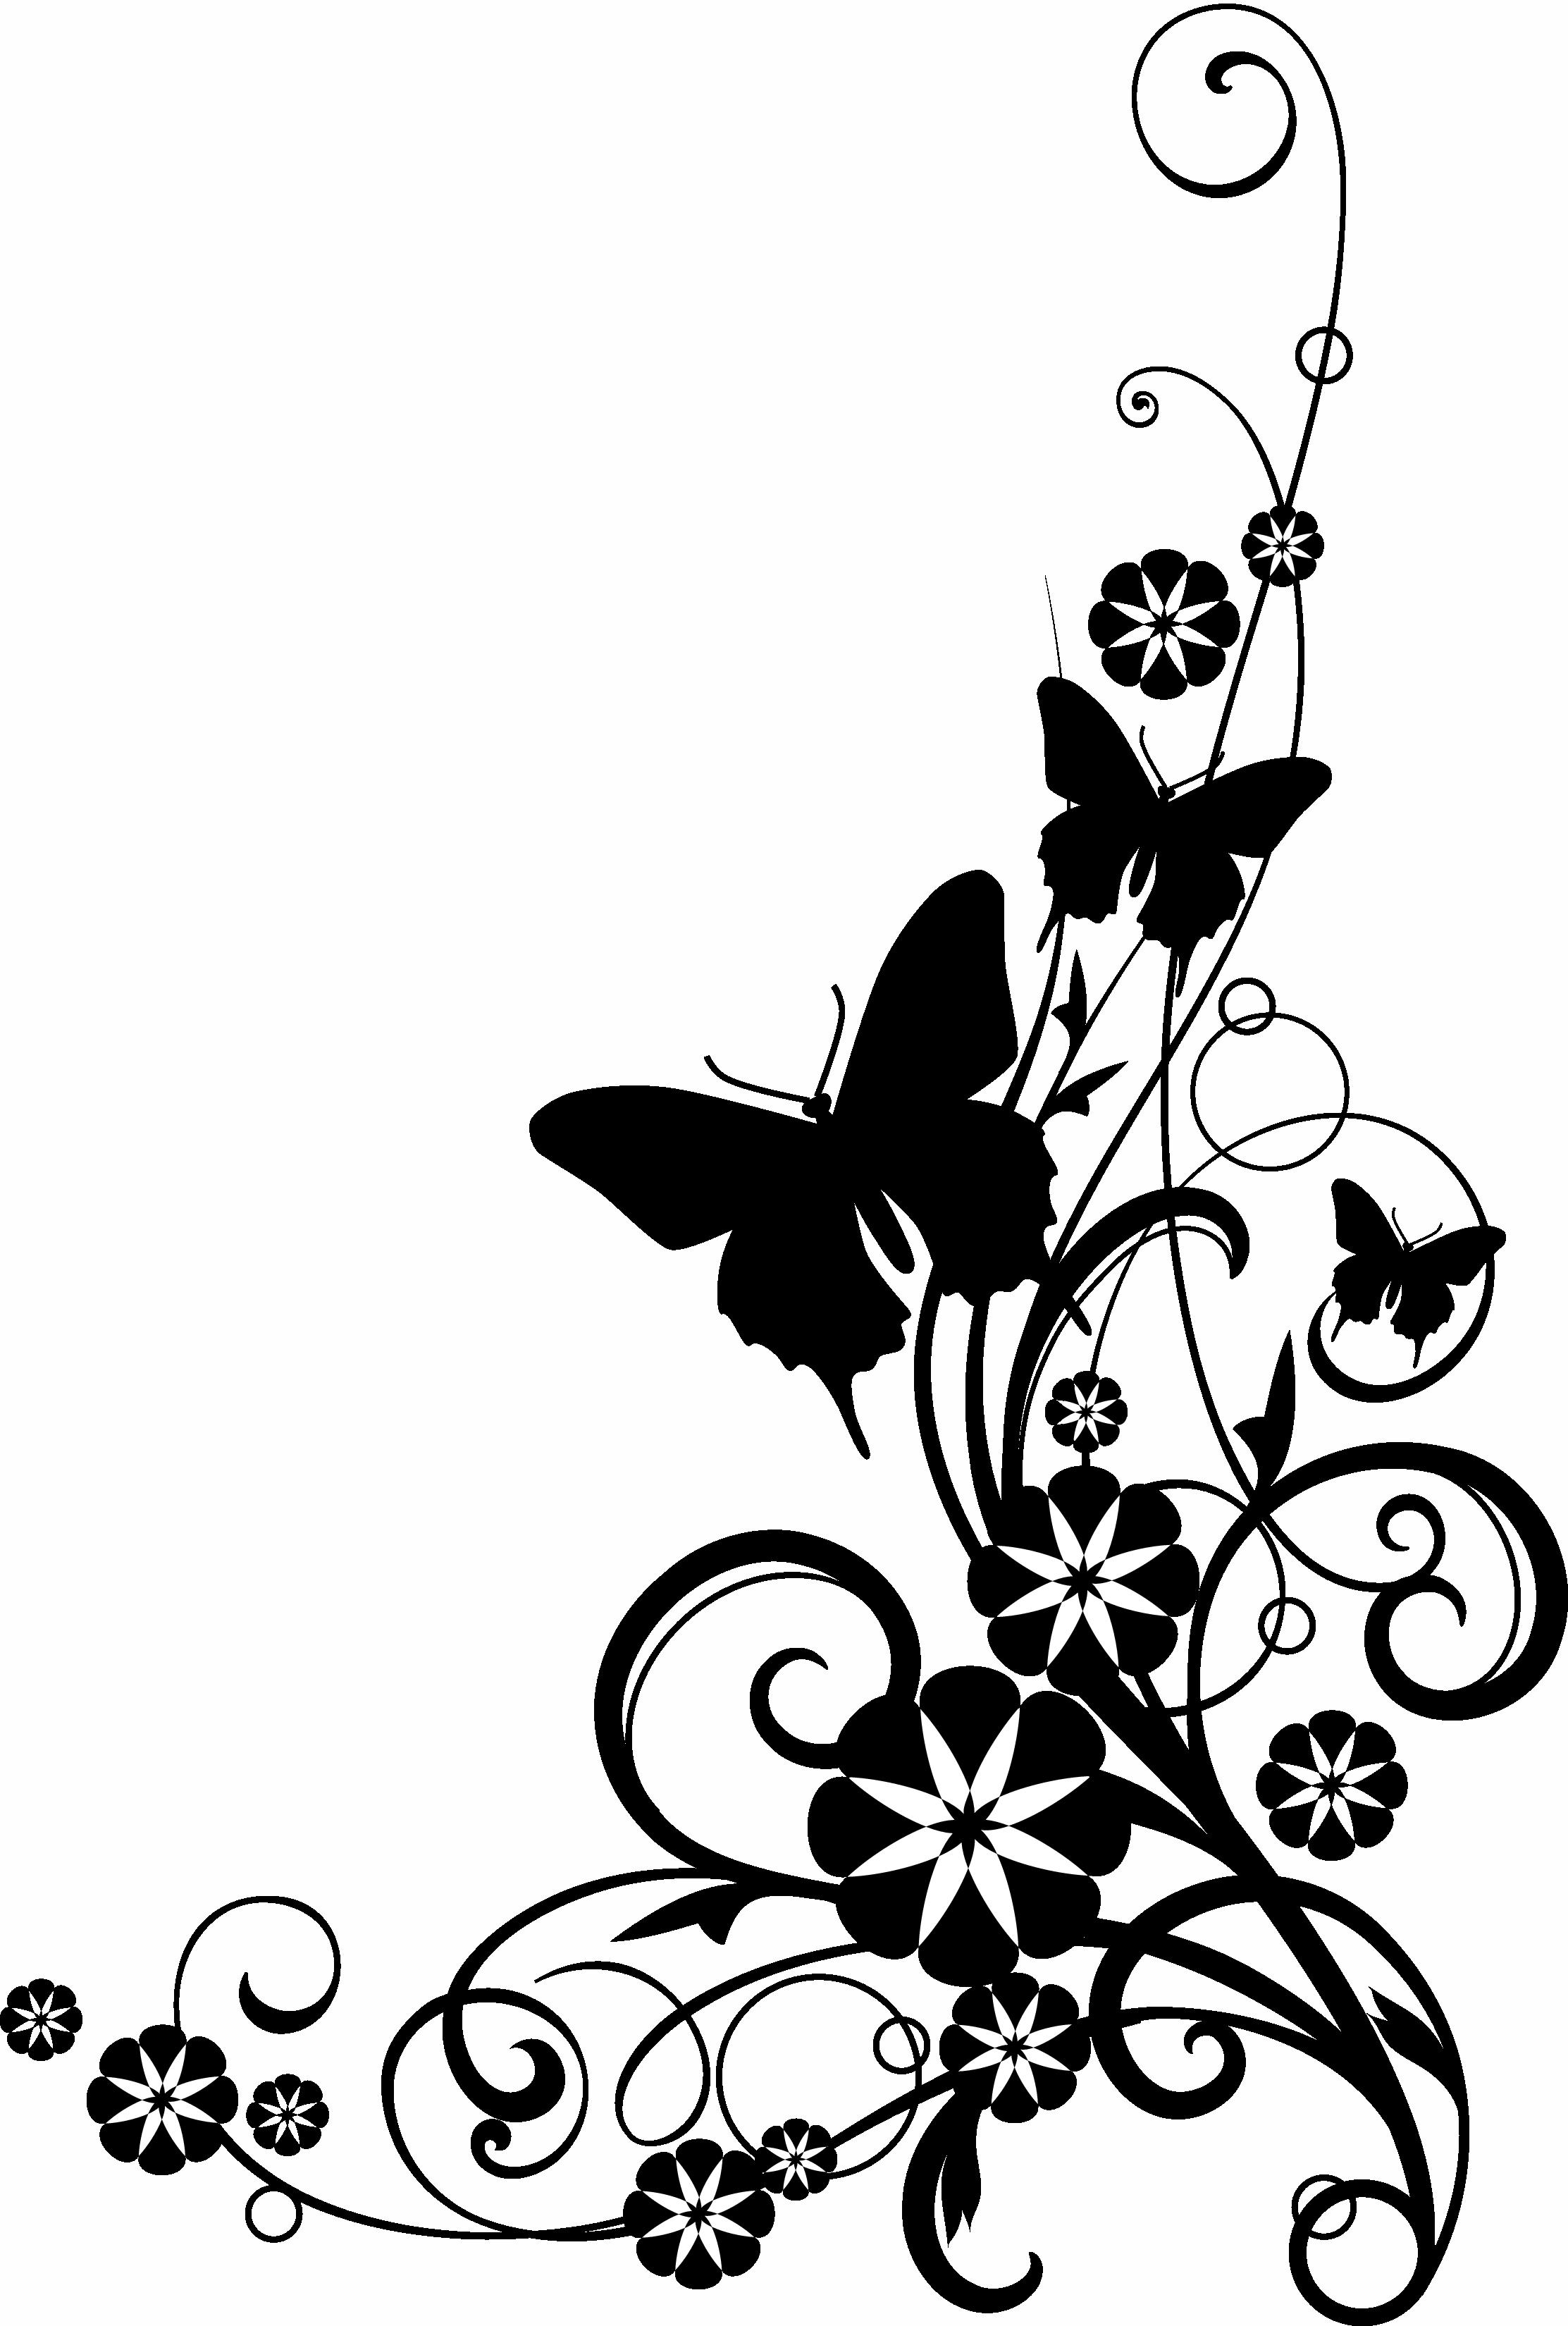 Black And White Flower Border Clipart At-Black And White Flower Border Clipart Atek9ba6c Png-14